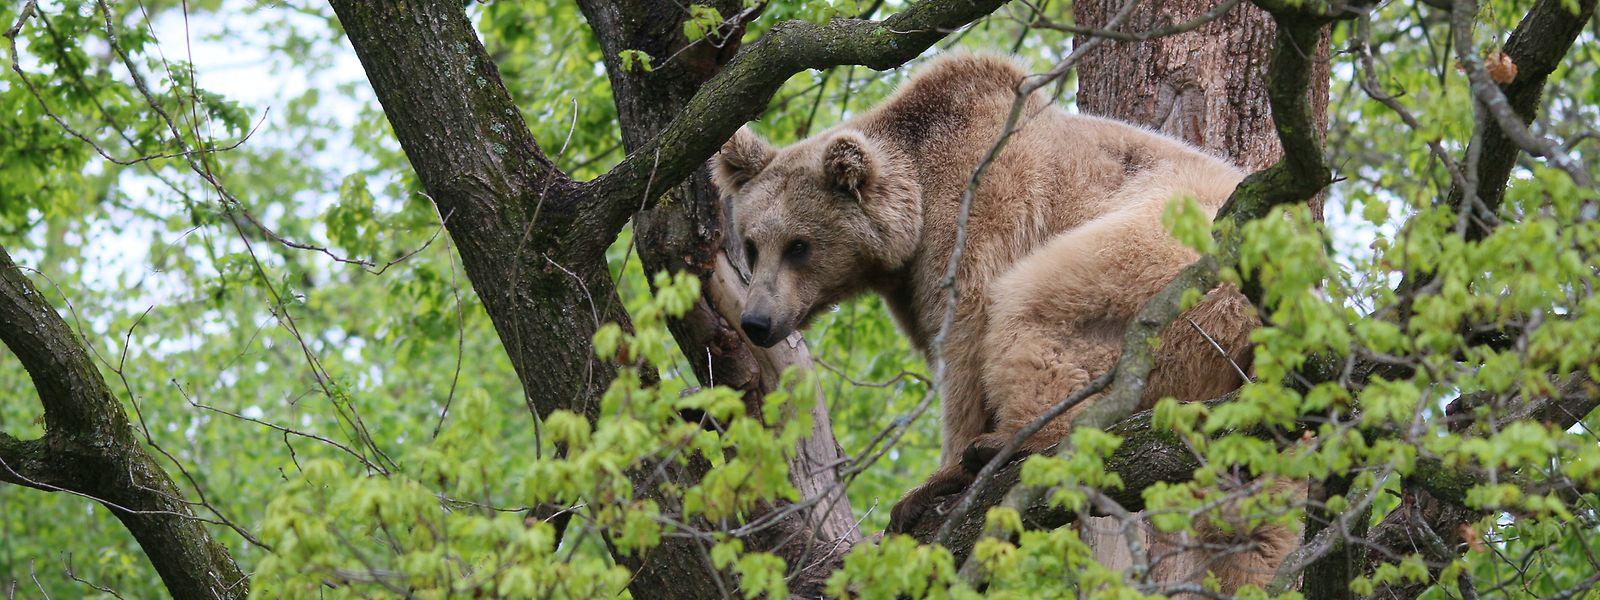 Nicht nur Bären können Besucher hier sehen: Auch Wölfe und sogar eine kleine Herde Wisente sind in den weitläufigen Waldgebieten in Rumänien anzutreffen.